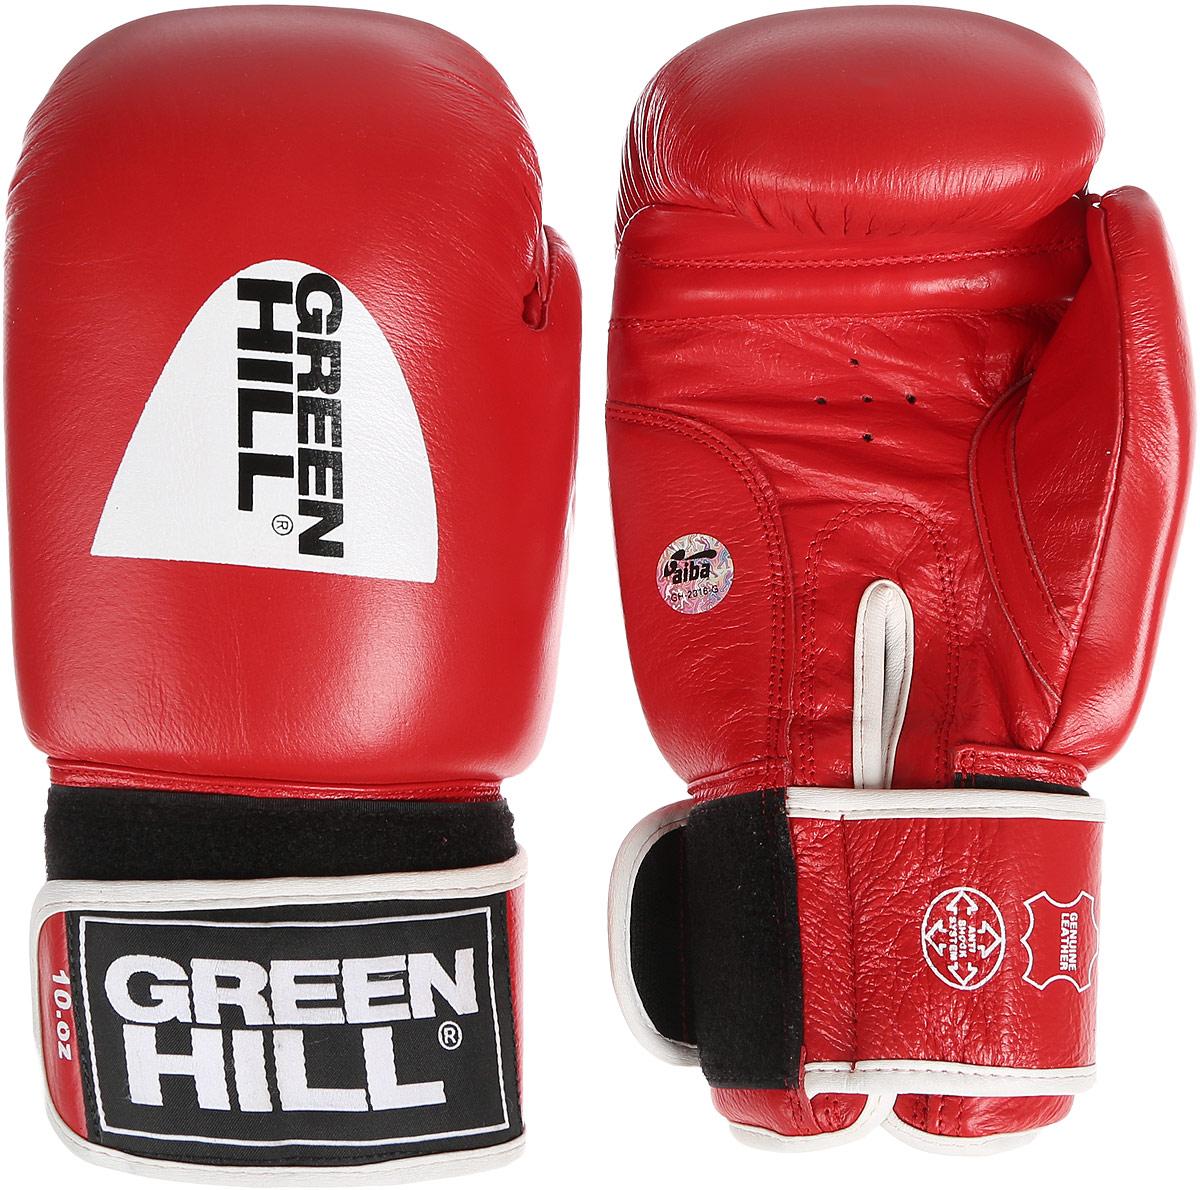 Перчатки боксерские Green Hill Tiger, цвет: красный, черный, белый. Вес 10 унций. BGT-2010аBGT-2010аБоксерские перчатки Green Hill Tiger, одобренные международной ассоциацией любительского бокса (AIBA), прекрасно подойдут для прогрессирующих спортсменов. Верх выполнен из натуральной кожи, наполнитель - из пенополиуретана. Точечная вентиляцияв области ладони позволяет создать максимально комфортный терморежим во время занятий. Широкий ремень, охватывая запястье, полностью оборачивается вокруг манжеты, благодаря чему создается дополнительная защита лучезапястного сустава от травмирования. Перчатки прекрасно сидят на руке. Застежка на липучке способствует быстрому и удобному надеванию перчаток, плотно фиксирует перчатки на руке.